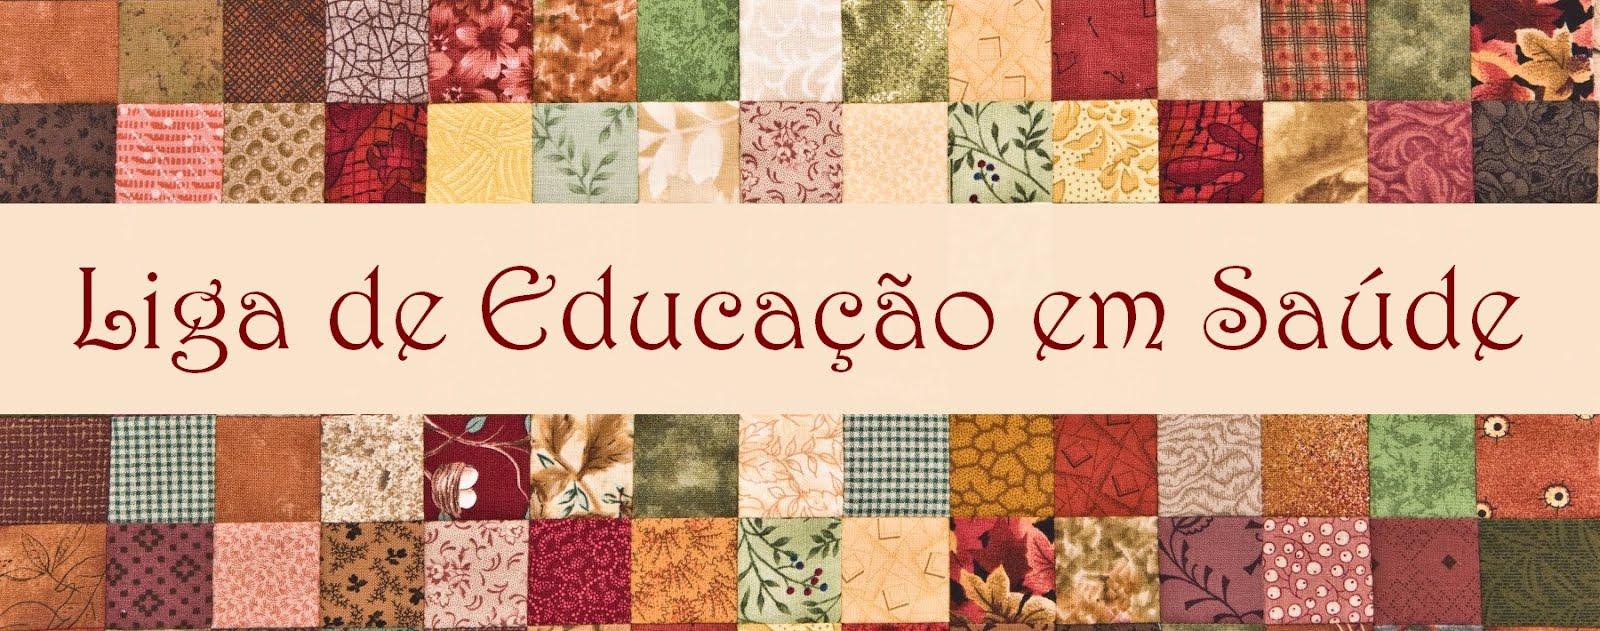 Liga de Educação em Saúde